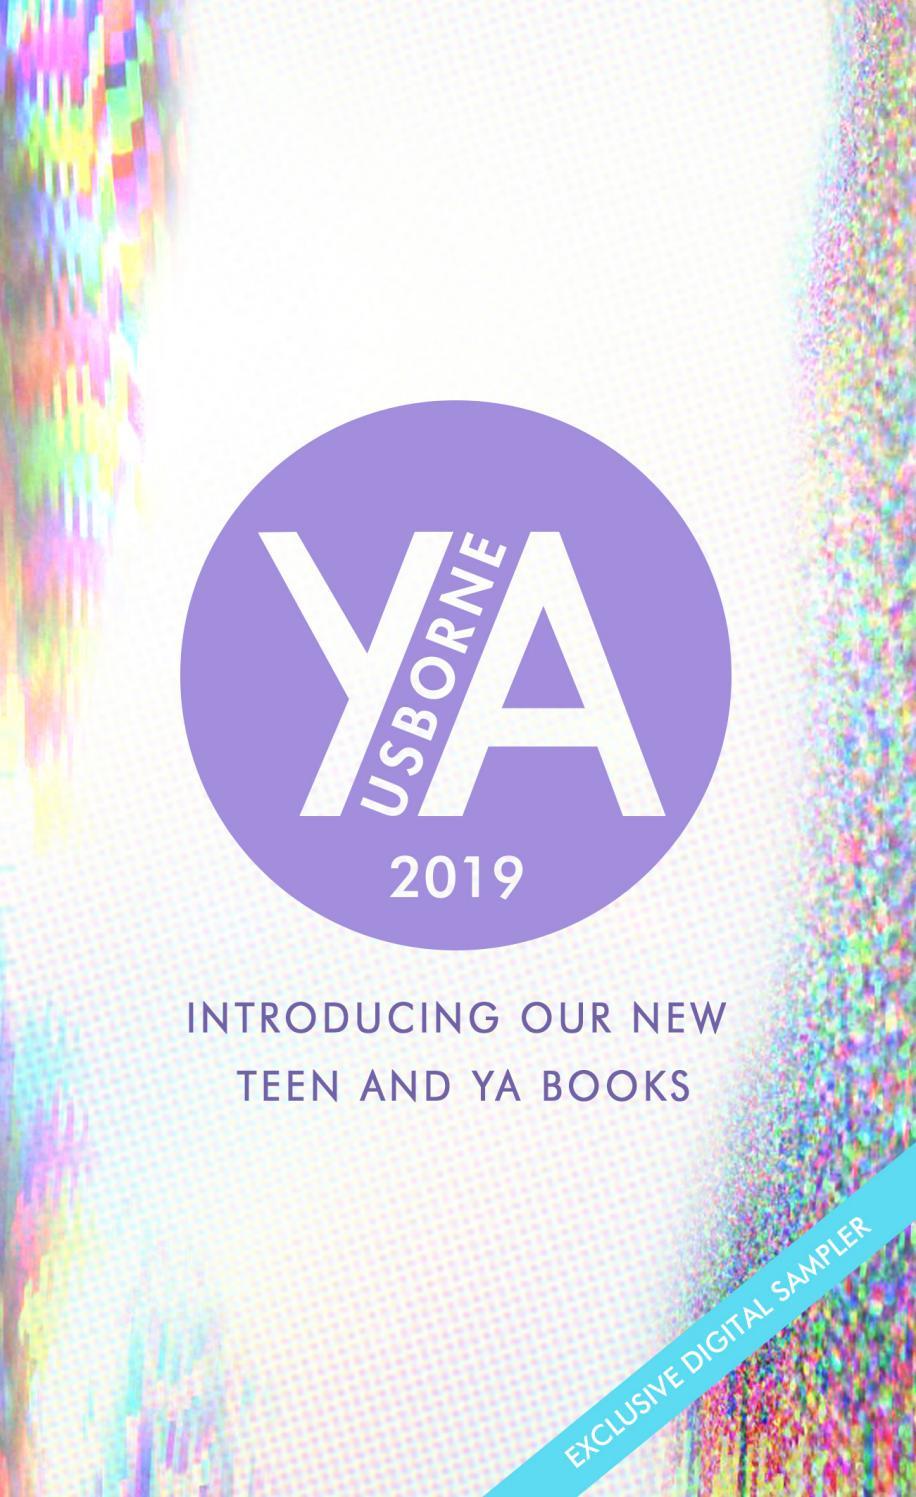 98bd9409f7 Usborne 2019 YA fiction sampler by Usborne Publishing - issuu